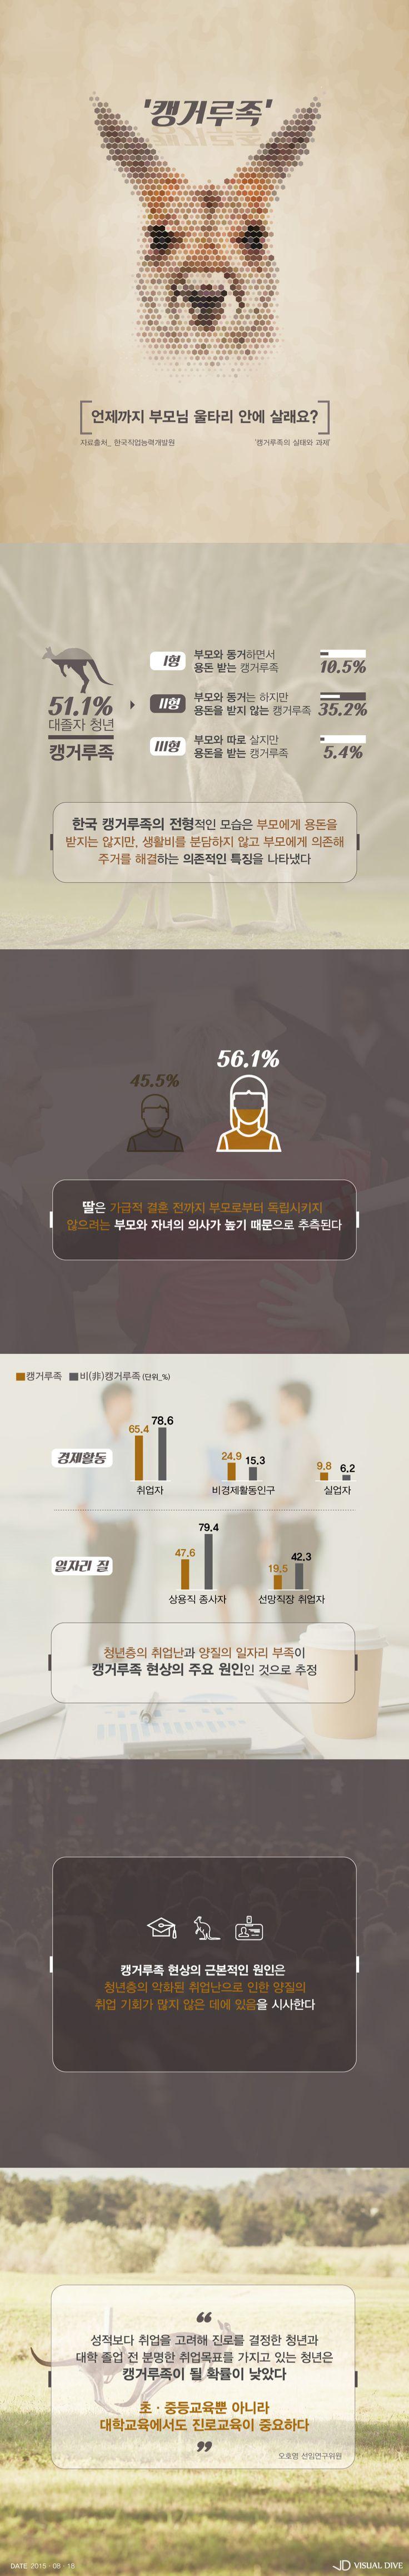 대졸 청년 51% '캥거루족'…당신은 어떤가요? [인포그래픽] #Kangaroo / #Infographic ⓒ 비주얼다이브 무단 복사·전재·재배포 금지